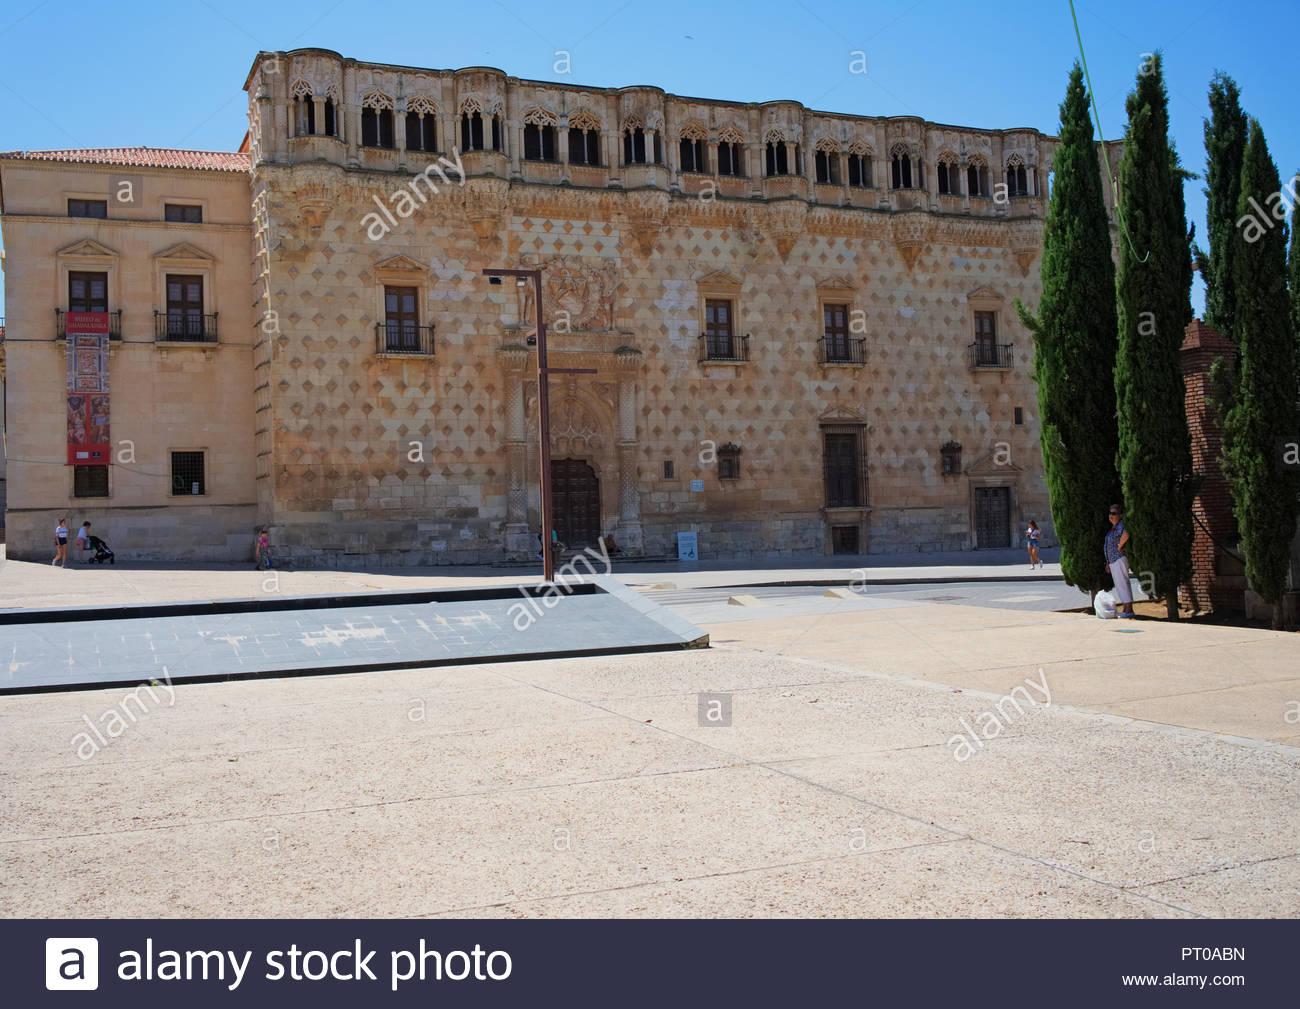 Palacio del infantado Guadalajara - Stock Image